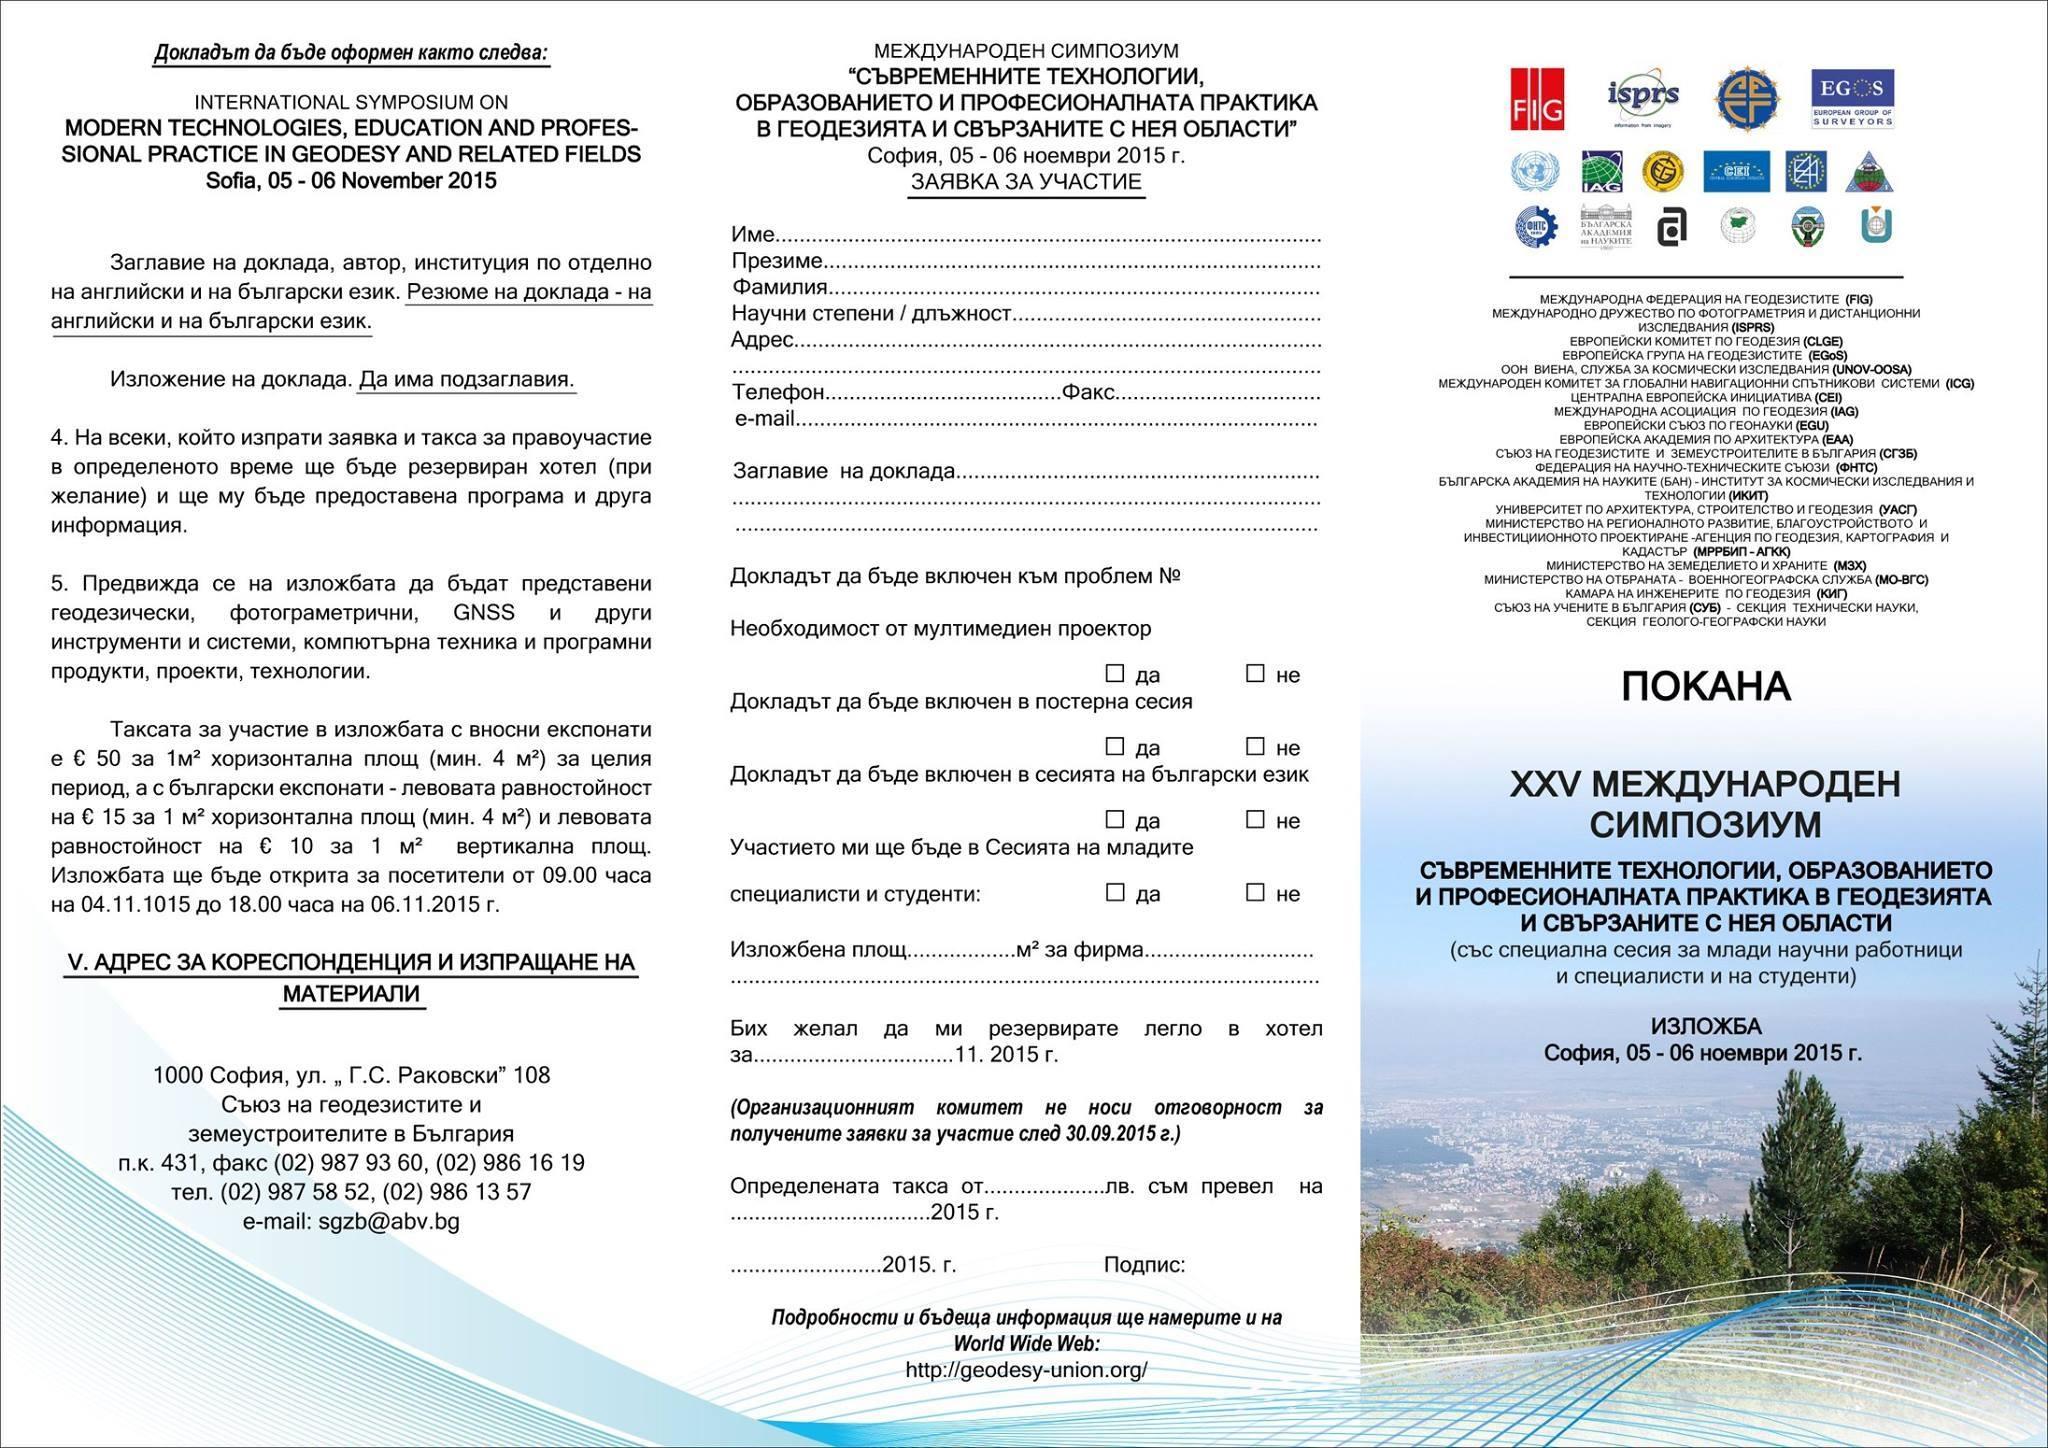 Срокът за изпращане на доклади за Международния симпозиум по геодезия е удължен